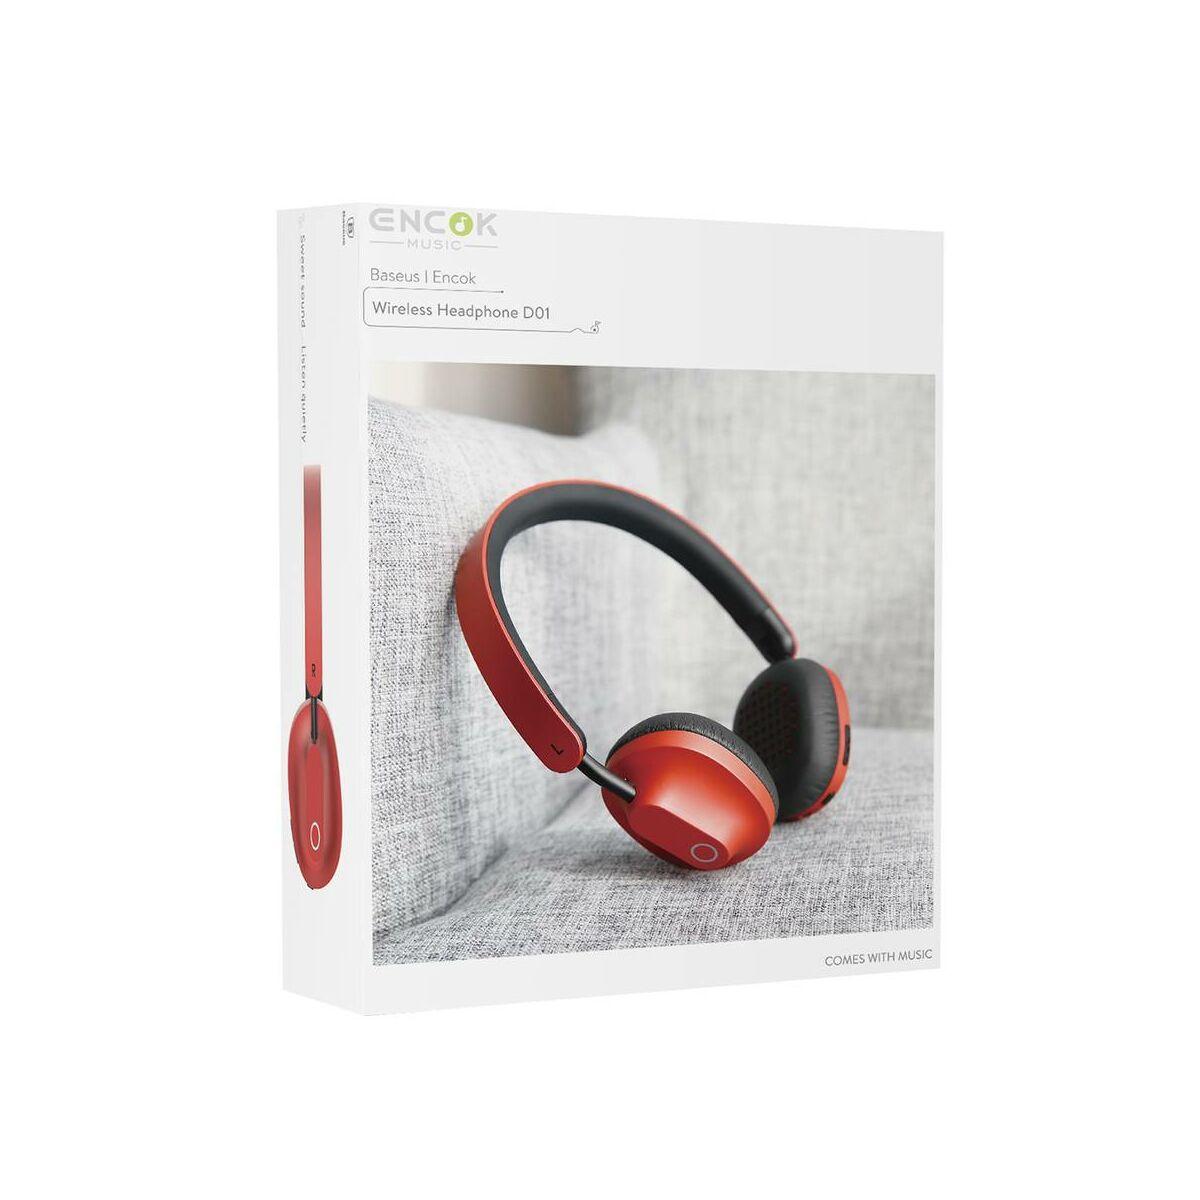 Baseus fejhallgató, Bluetooth Encok D01 vezeték nélküli, piros (NGD01-09)